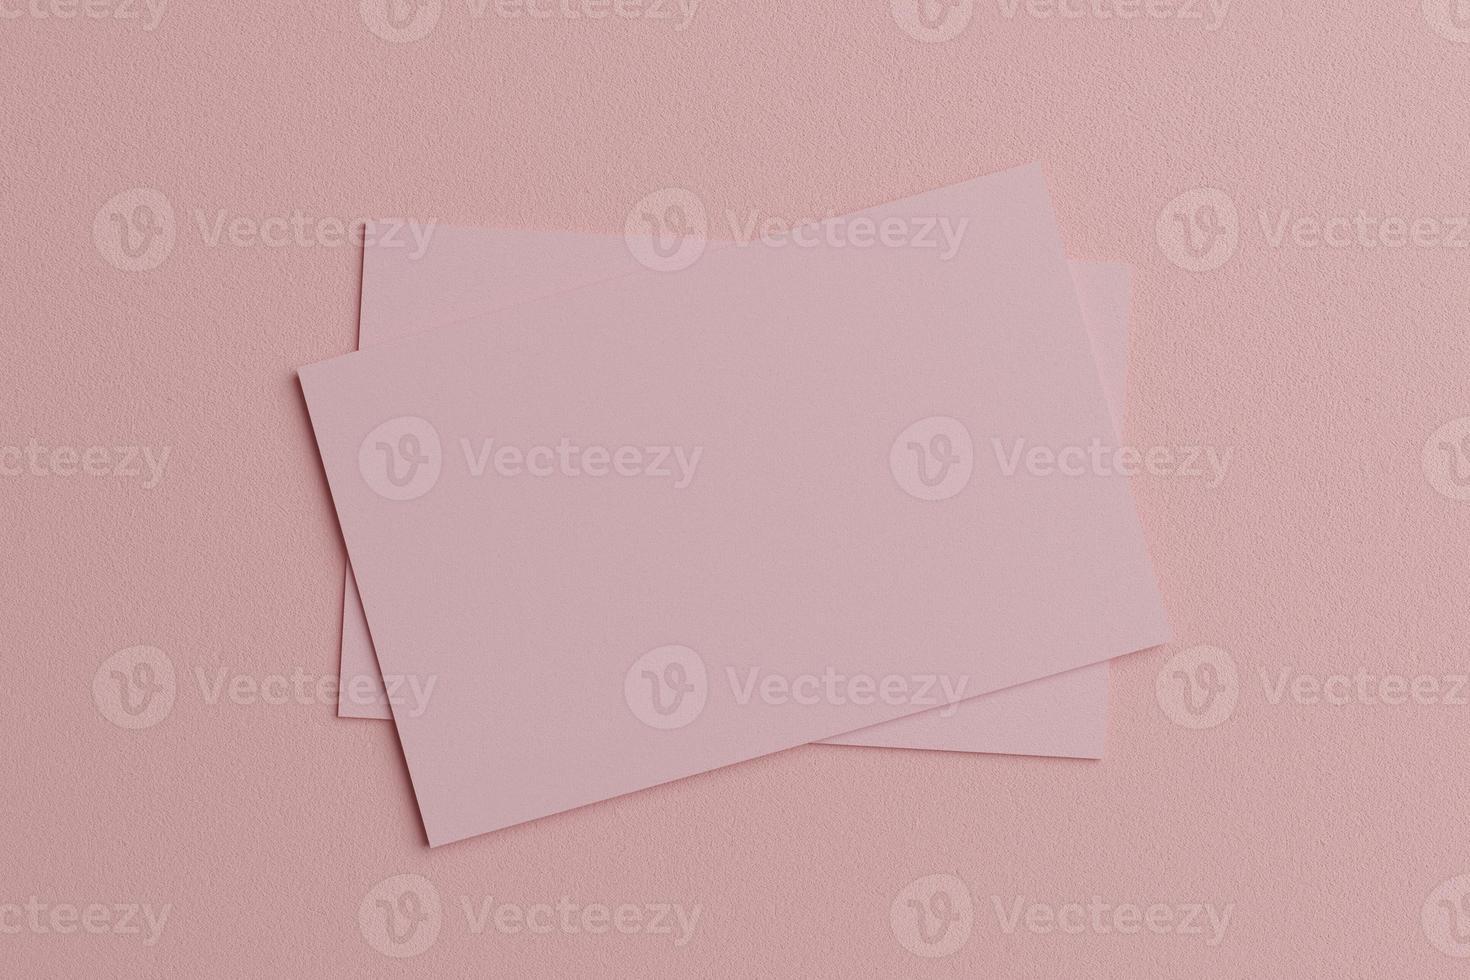 modello di mockup di carta per biglietti da visita pastello rosa con copertina di spazio vuoto per inserire il logo dell'azienda o l'identità personale su sfondo di cartone. concetto di stile moderno. vista dall'alto. Rendering di illustrazione 3D foto